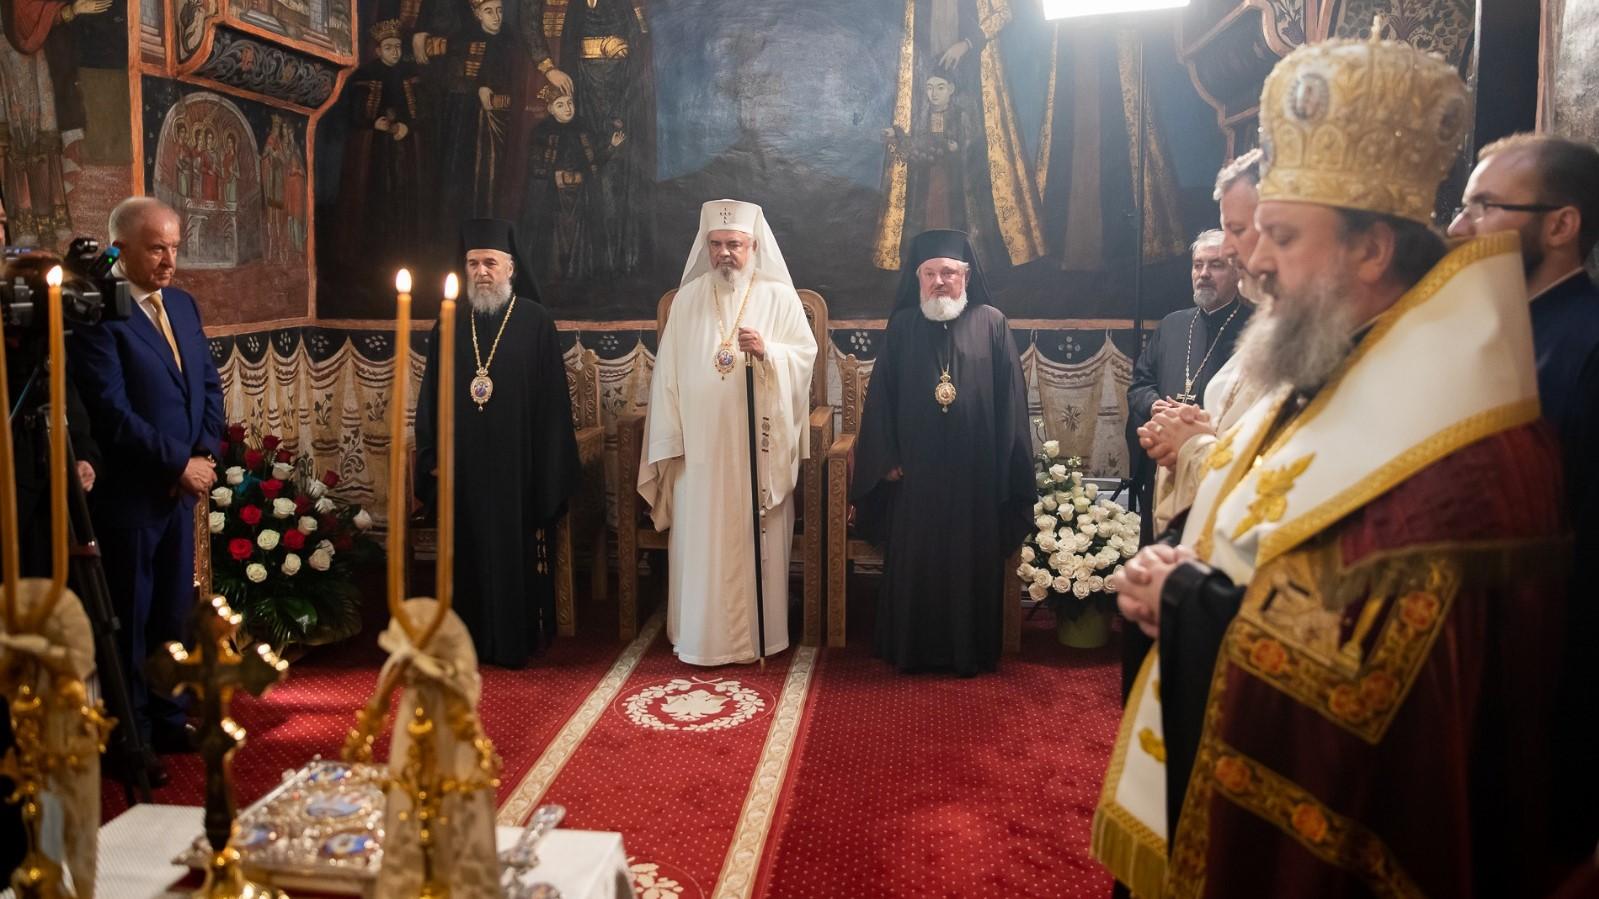 Mulțumiri aduse lui Dumnezeu în ziua de naștere a Patriarhului Daniel